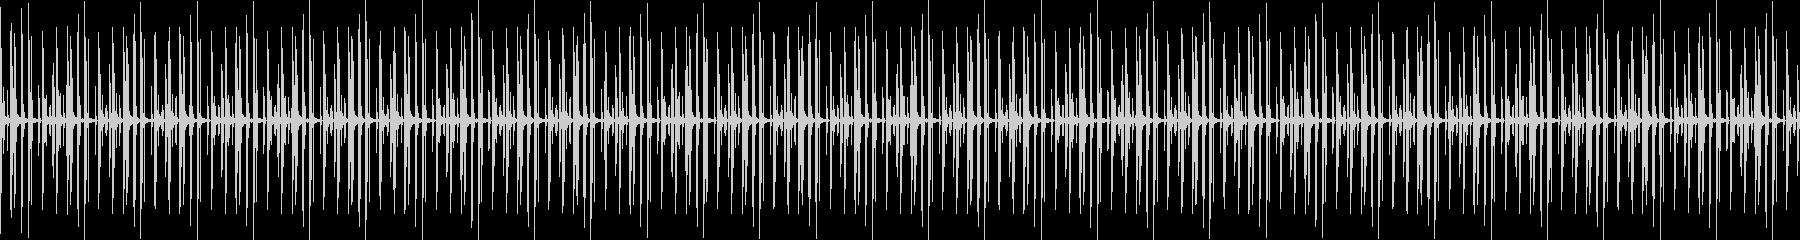 ドラムオンリーのミニマルハウスビートの未再生の波形